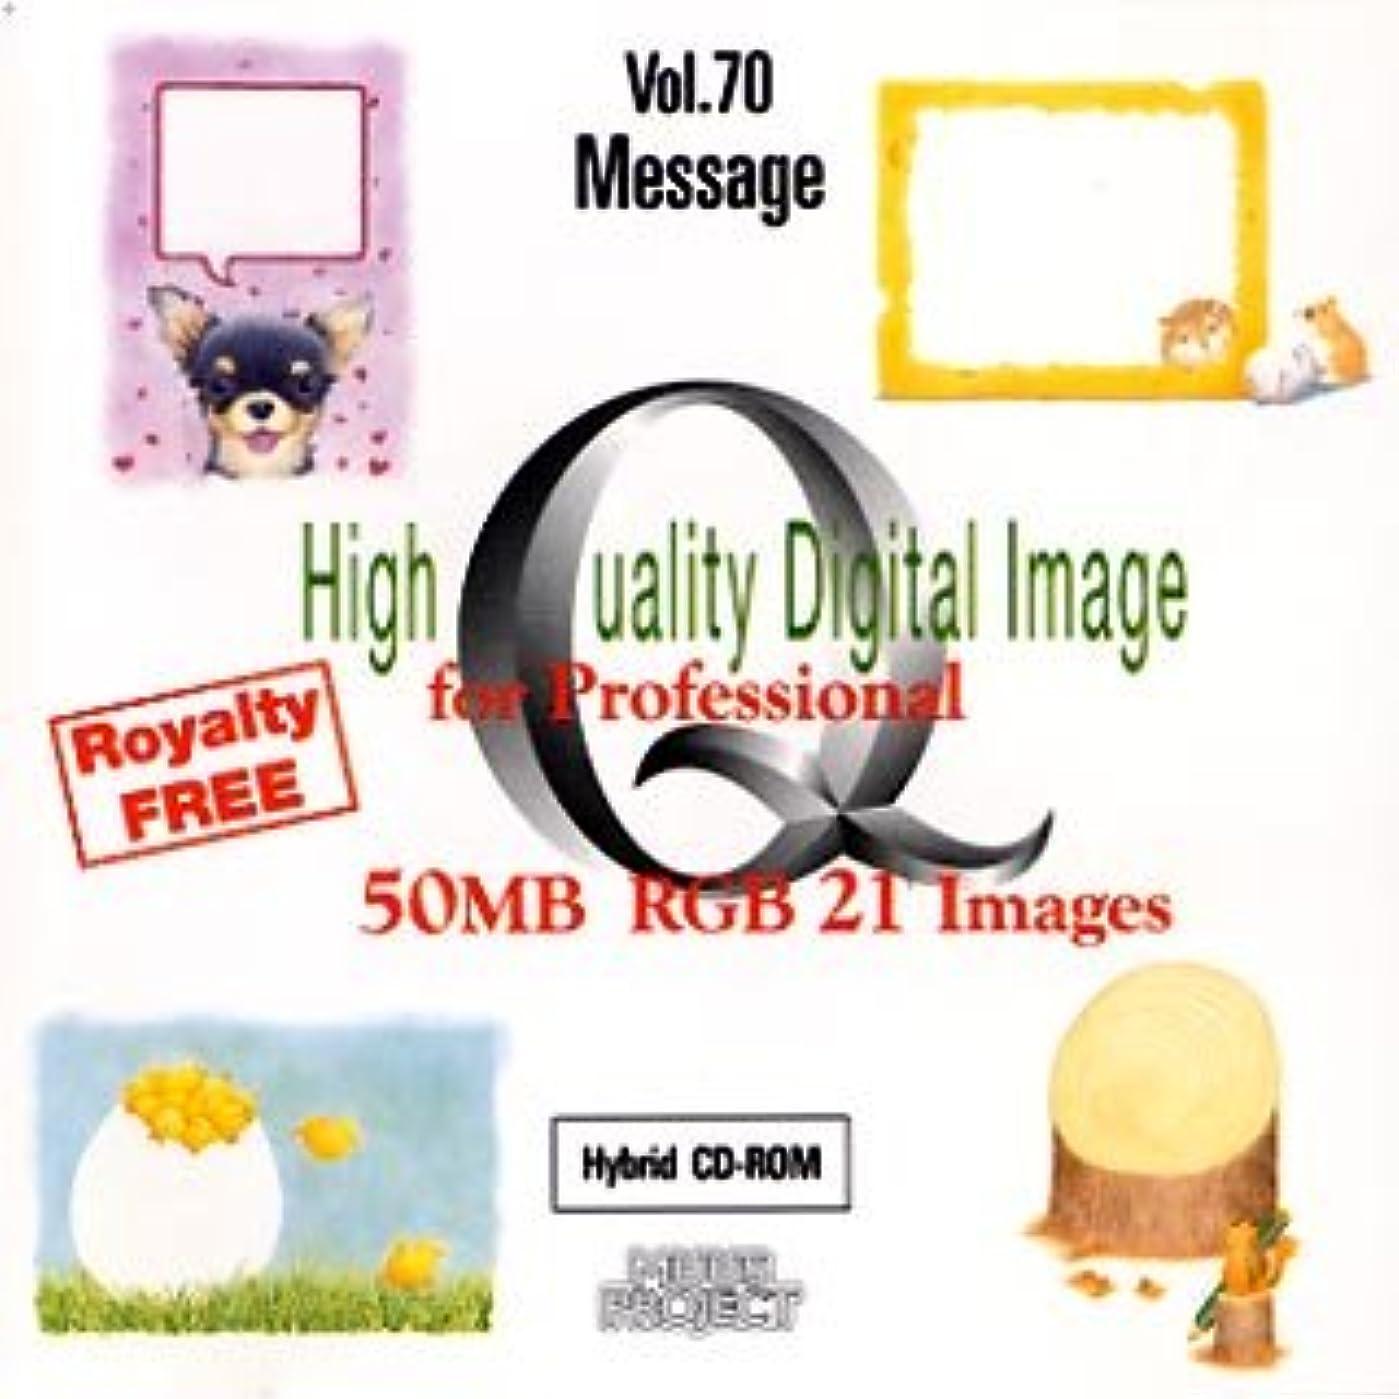 比べるシンポジウムシリアルHigh Quality Digital Image for Professional Vol.70 Message